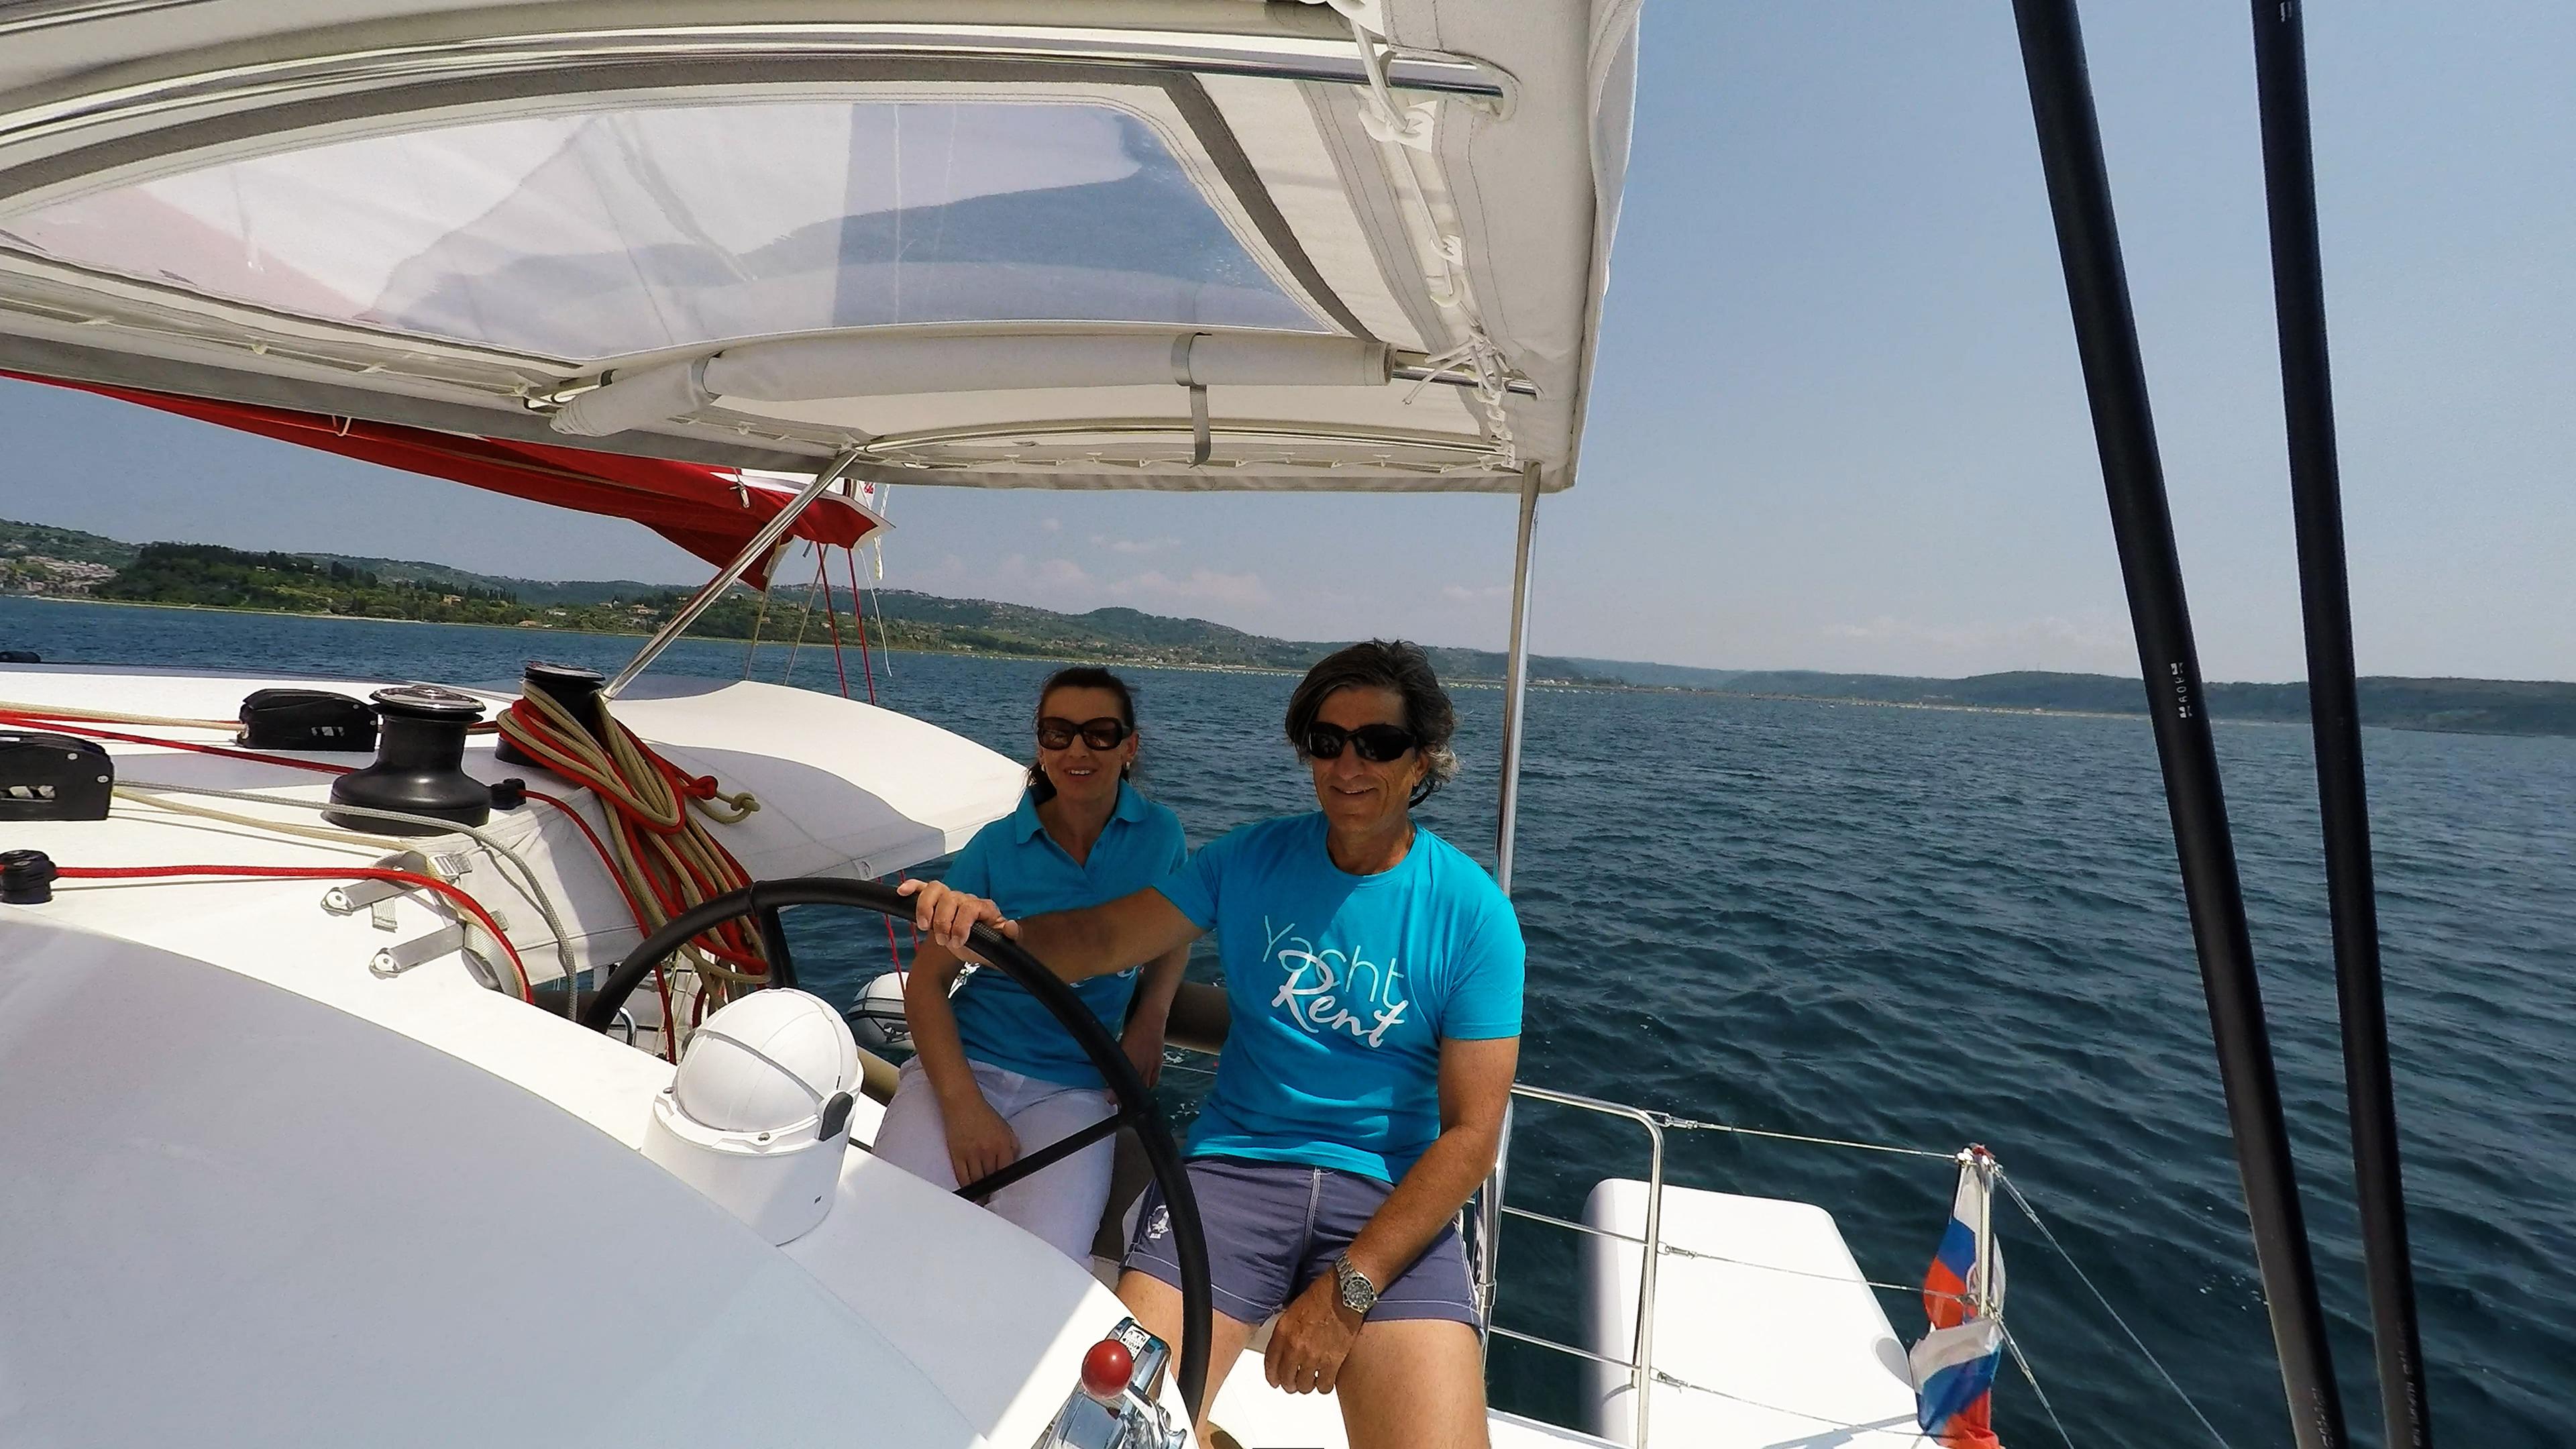 skipper e ragazza behind ruota del timone di trimarano  neel 45 yacht